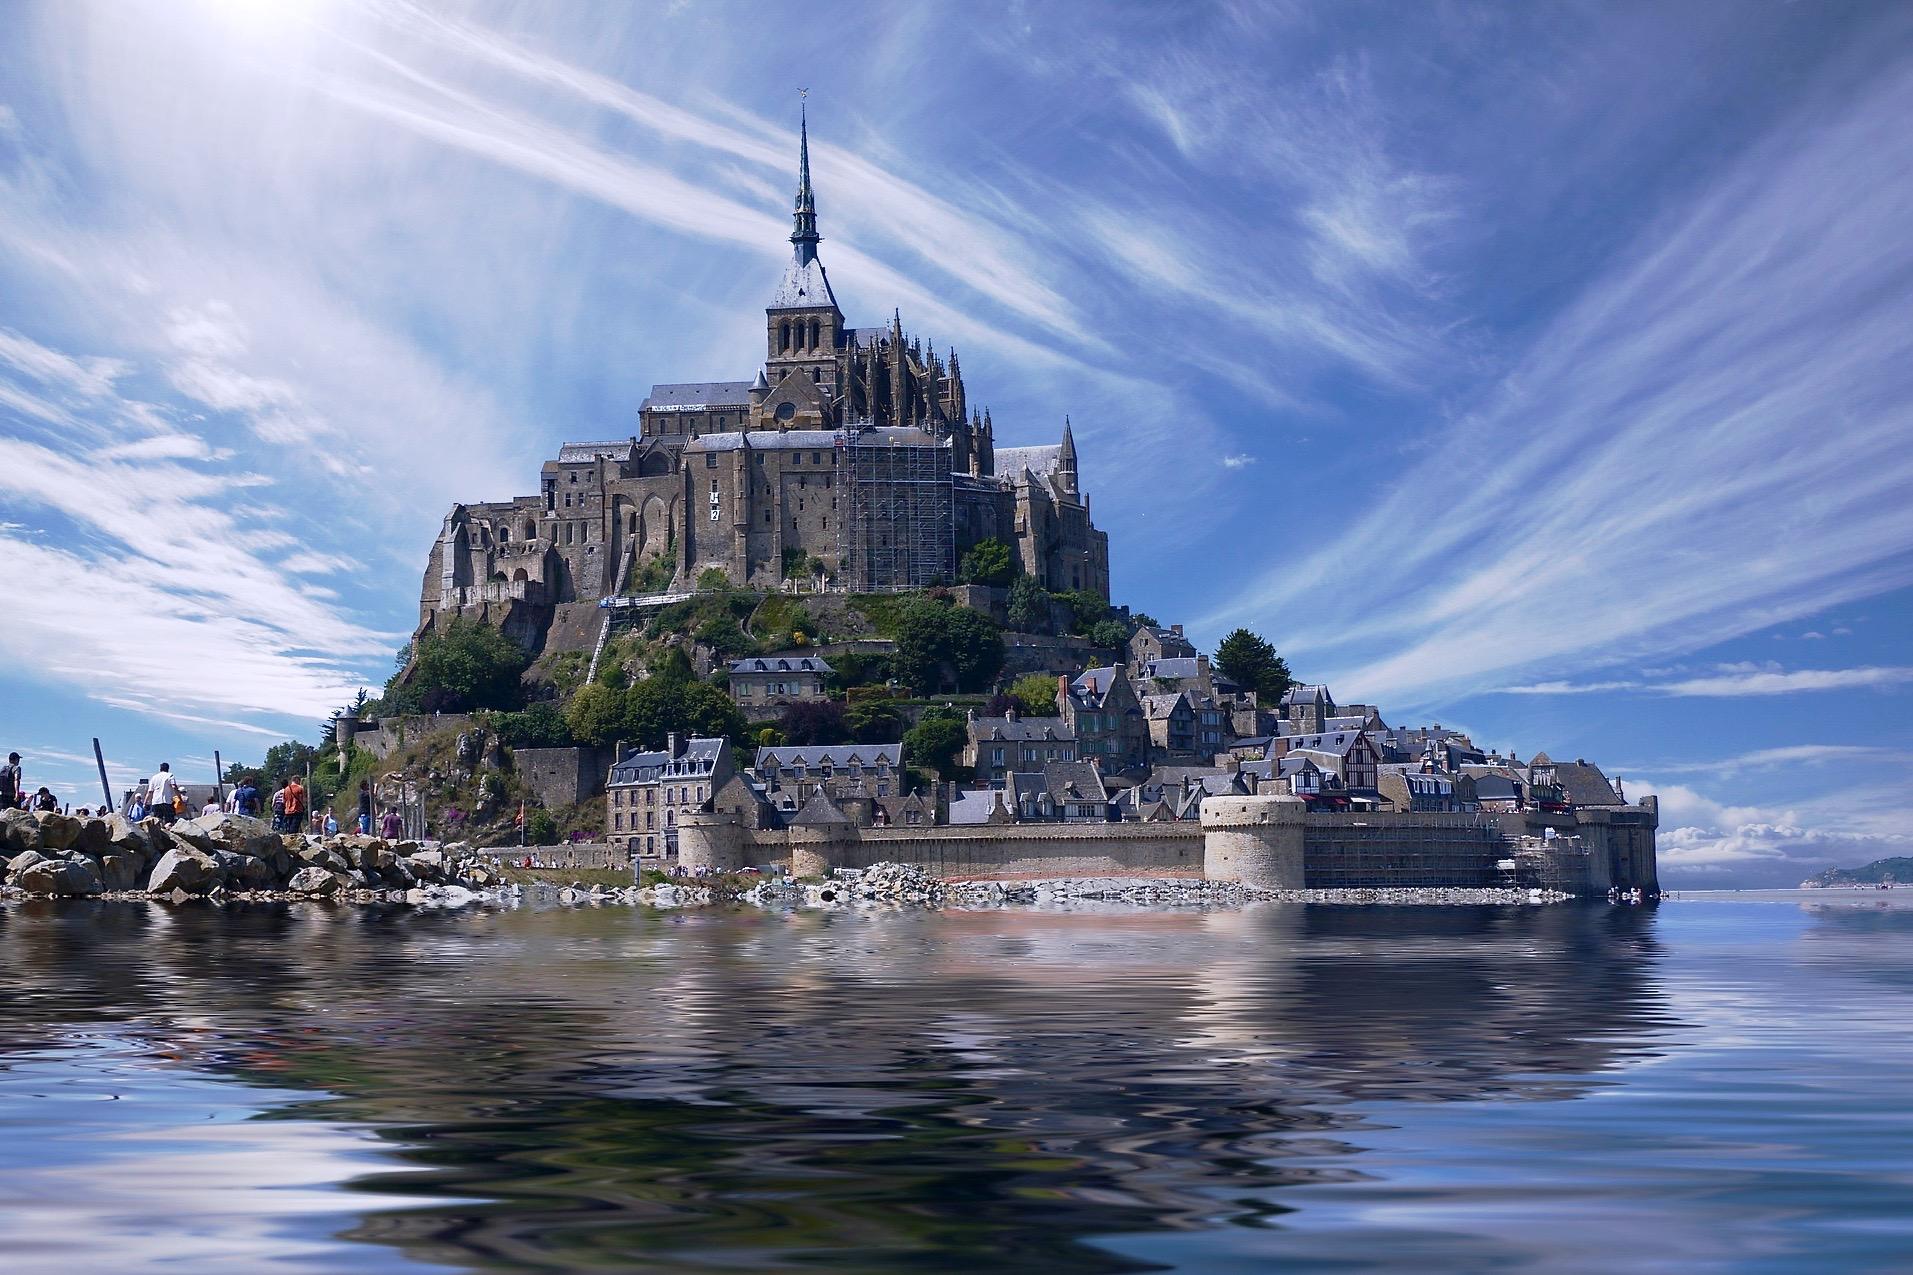 Париж: Мон-Сен-Мишель & Онфлер - экскурсионная групповая поездка на полный день с посещением Аббатства, обедом и дегустация сидра